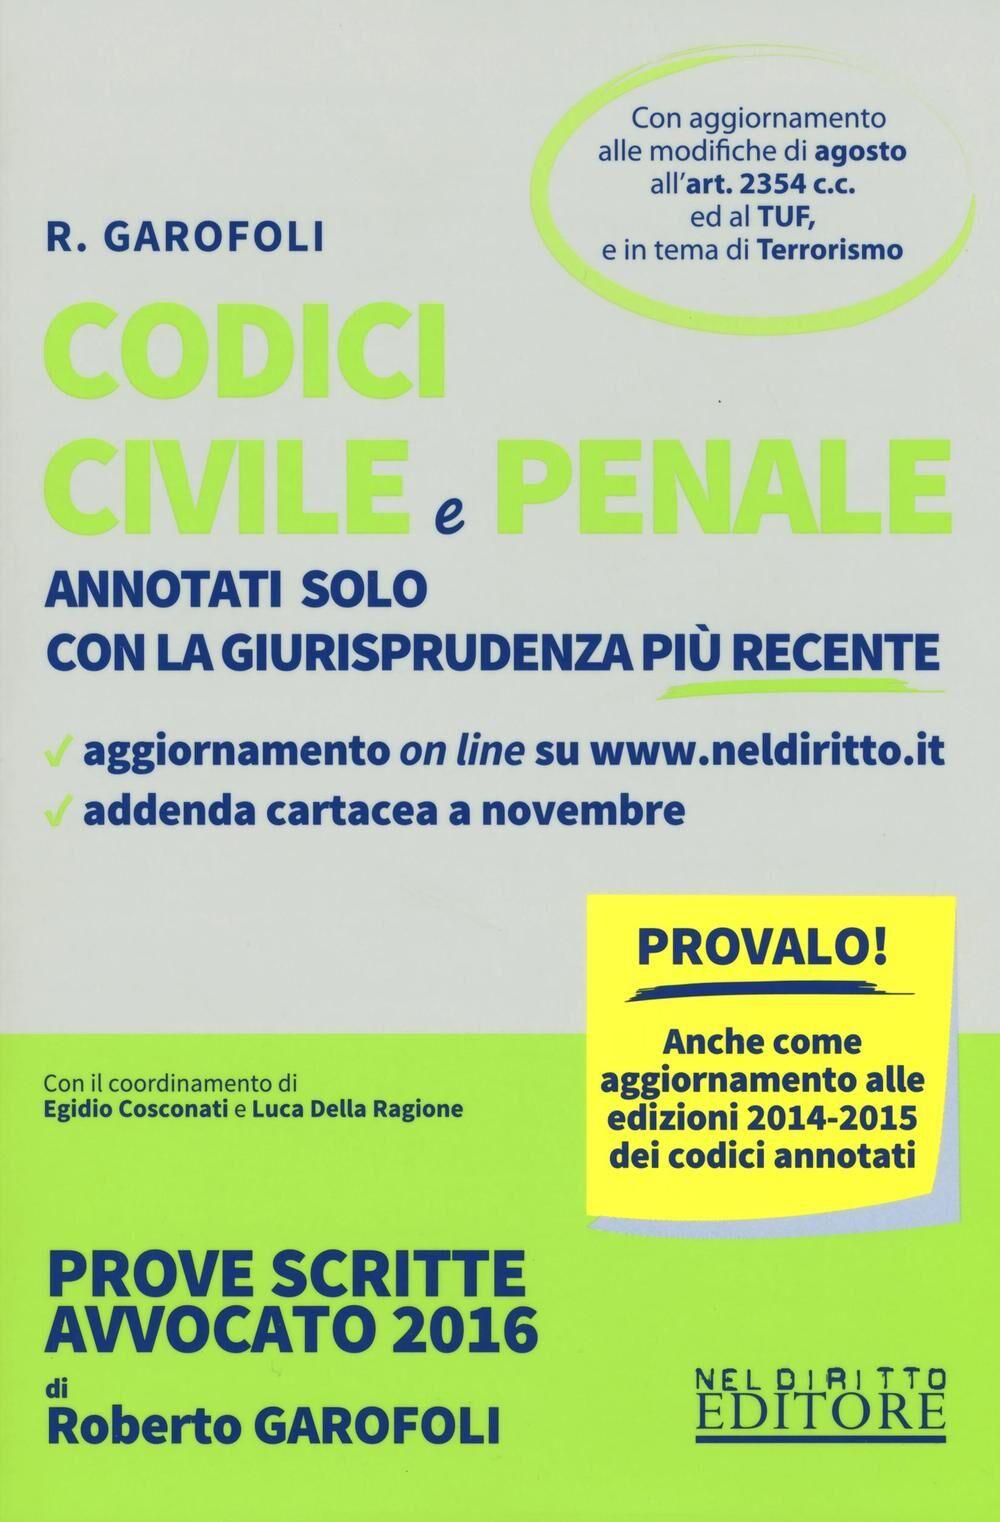 Codice civile e penale. Annotati solo con la giurisprudenza più recente. Con aggiornamento online